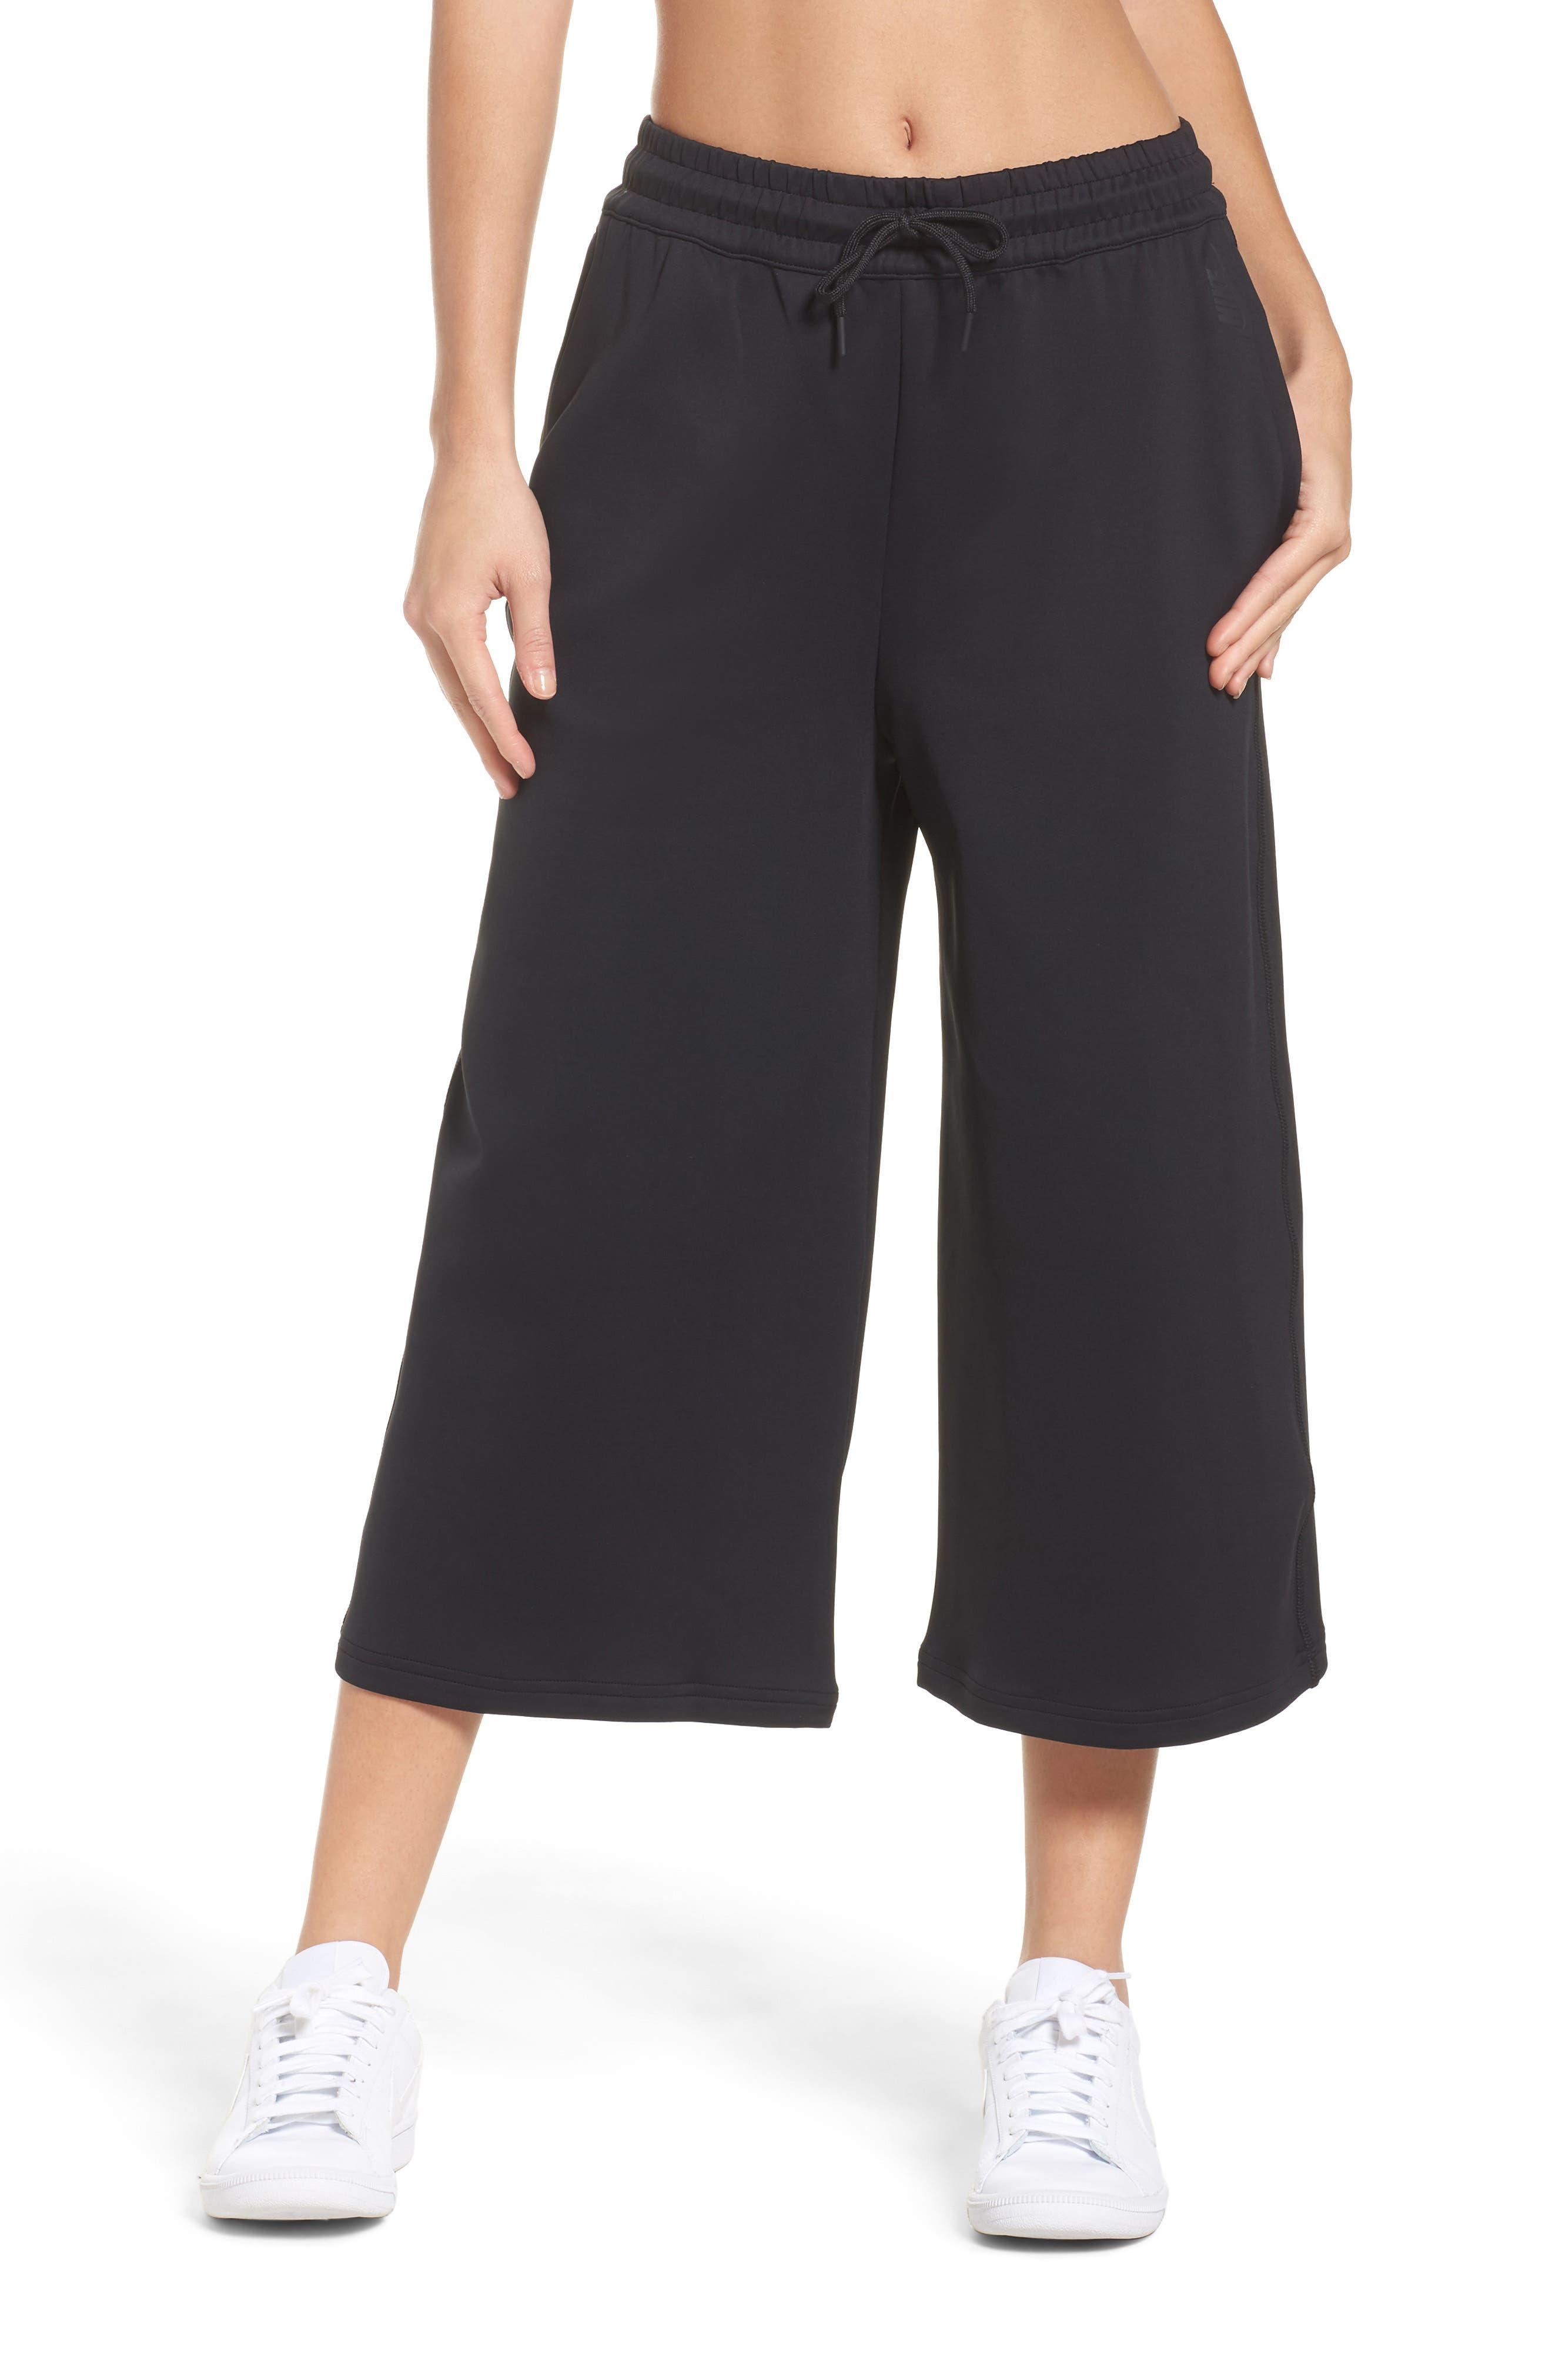 Essentials Culottes,                         Main,                         color, Black/ Black